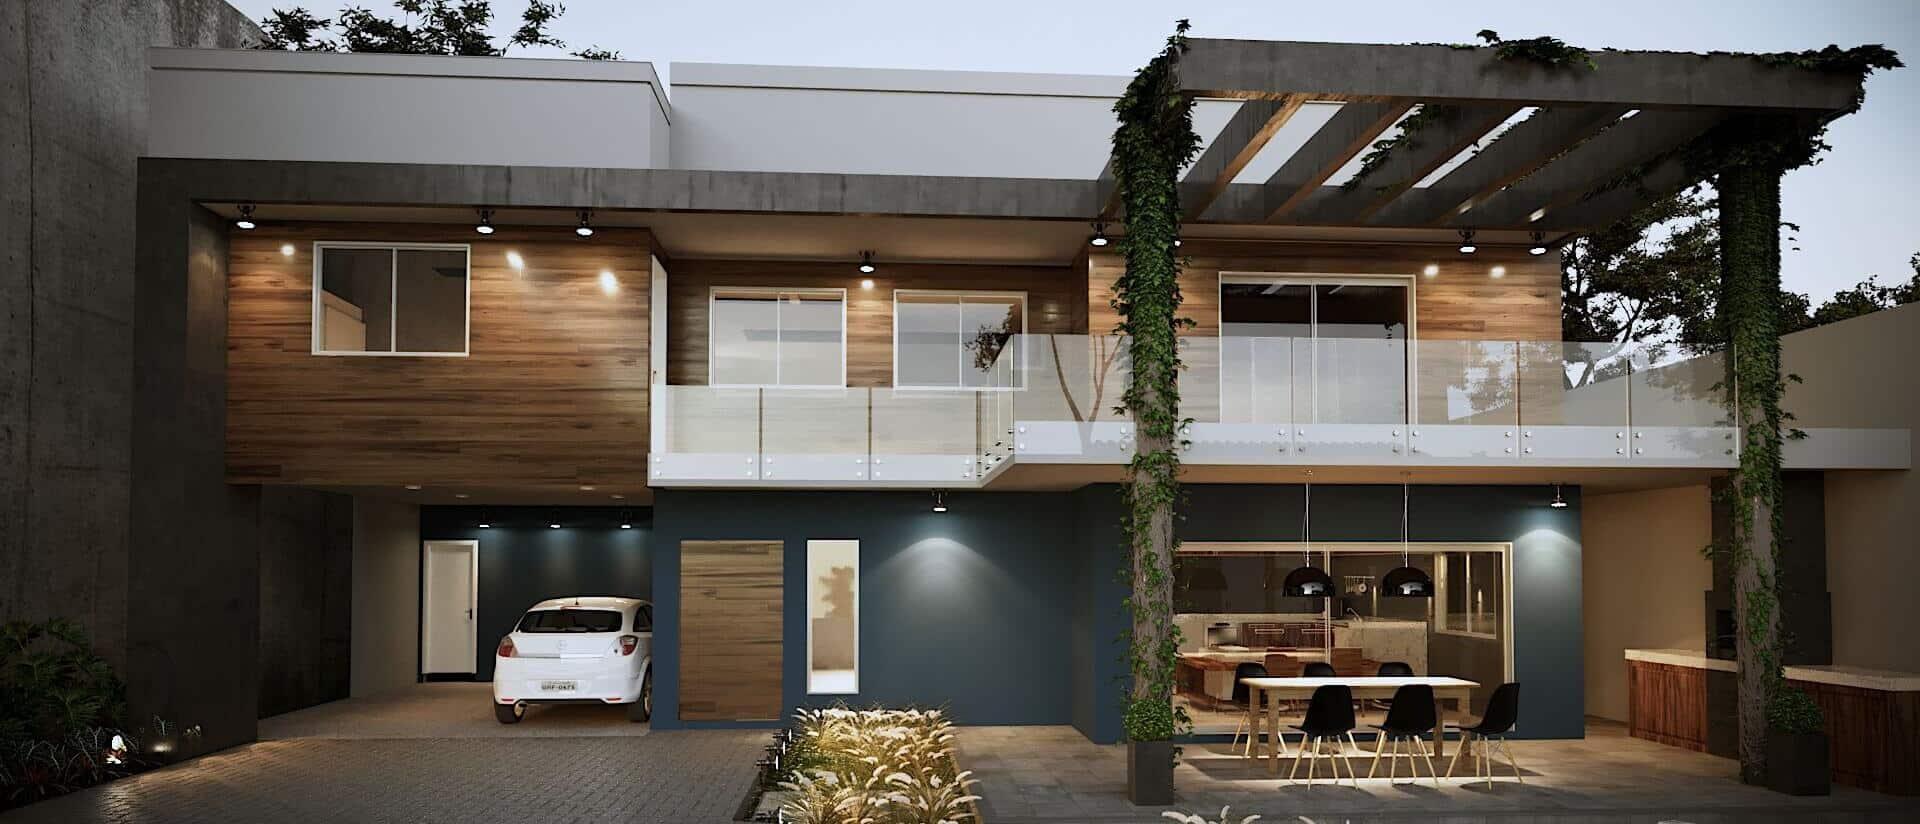 Projeto Casa Fachada modernista, revestimento madeira nas paredes